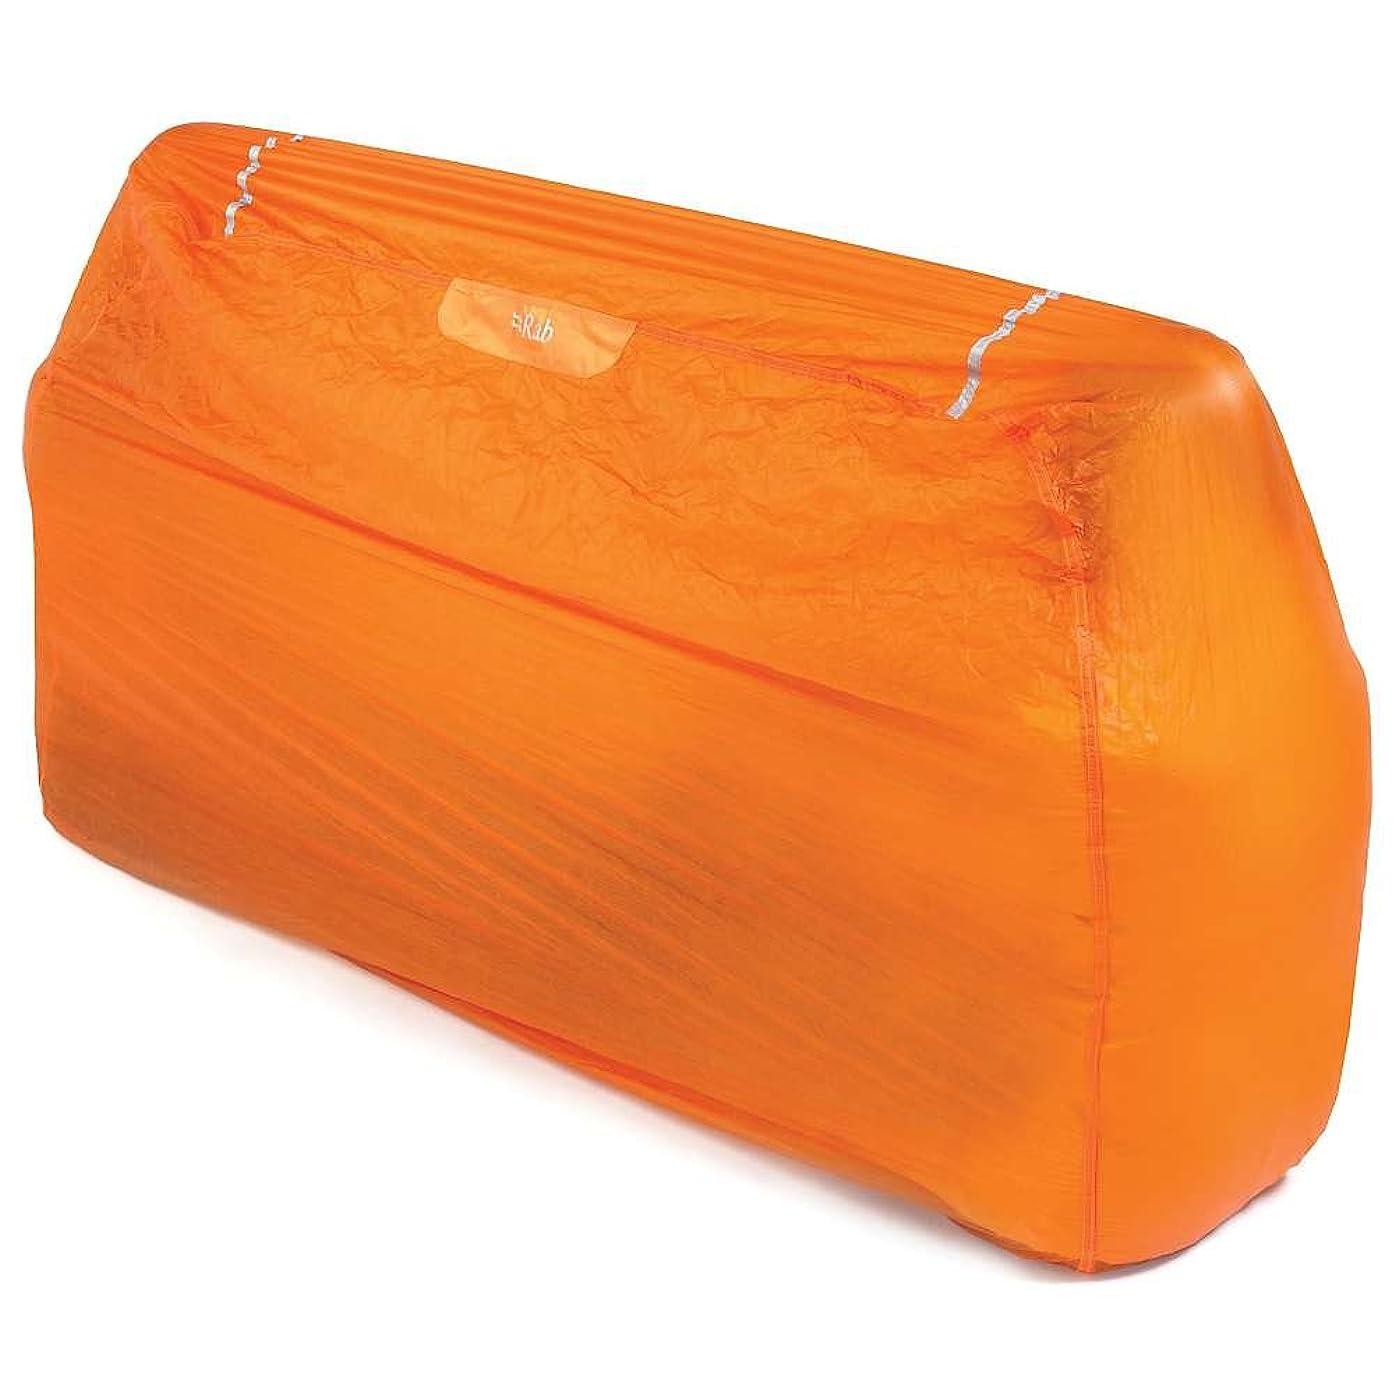 まっすぐにするエイリアス逃すRab(ラブ) タープ ツェルト シェルター ビバーク 緊急用 [1~2人用] 超軽量コンパクト 240g スーパーライトシェルター 2 MR-51-OR-2 オレンジ